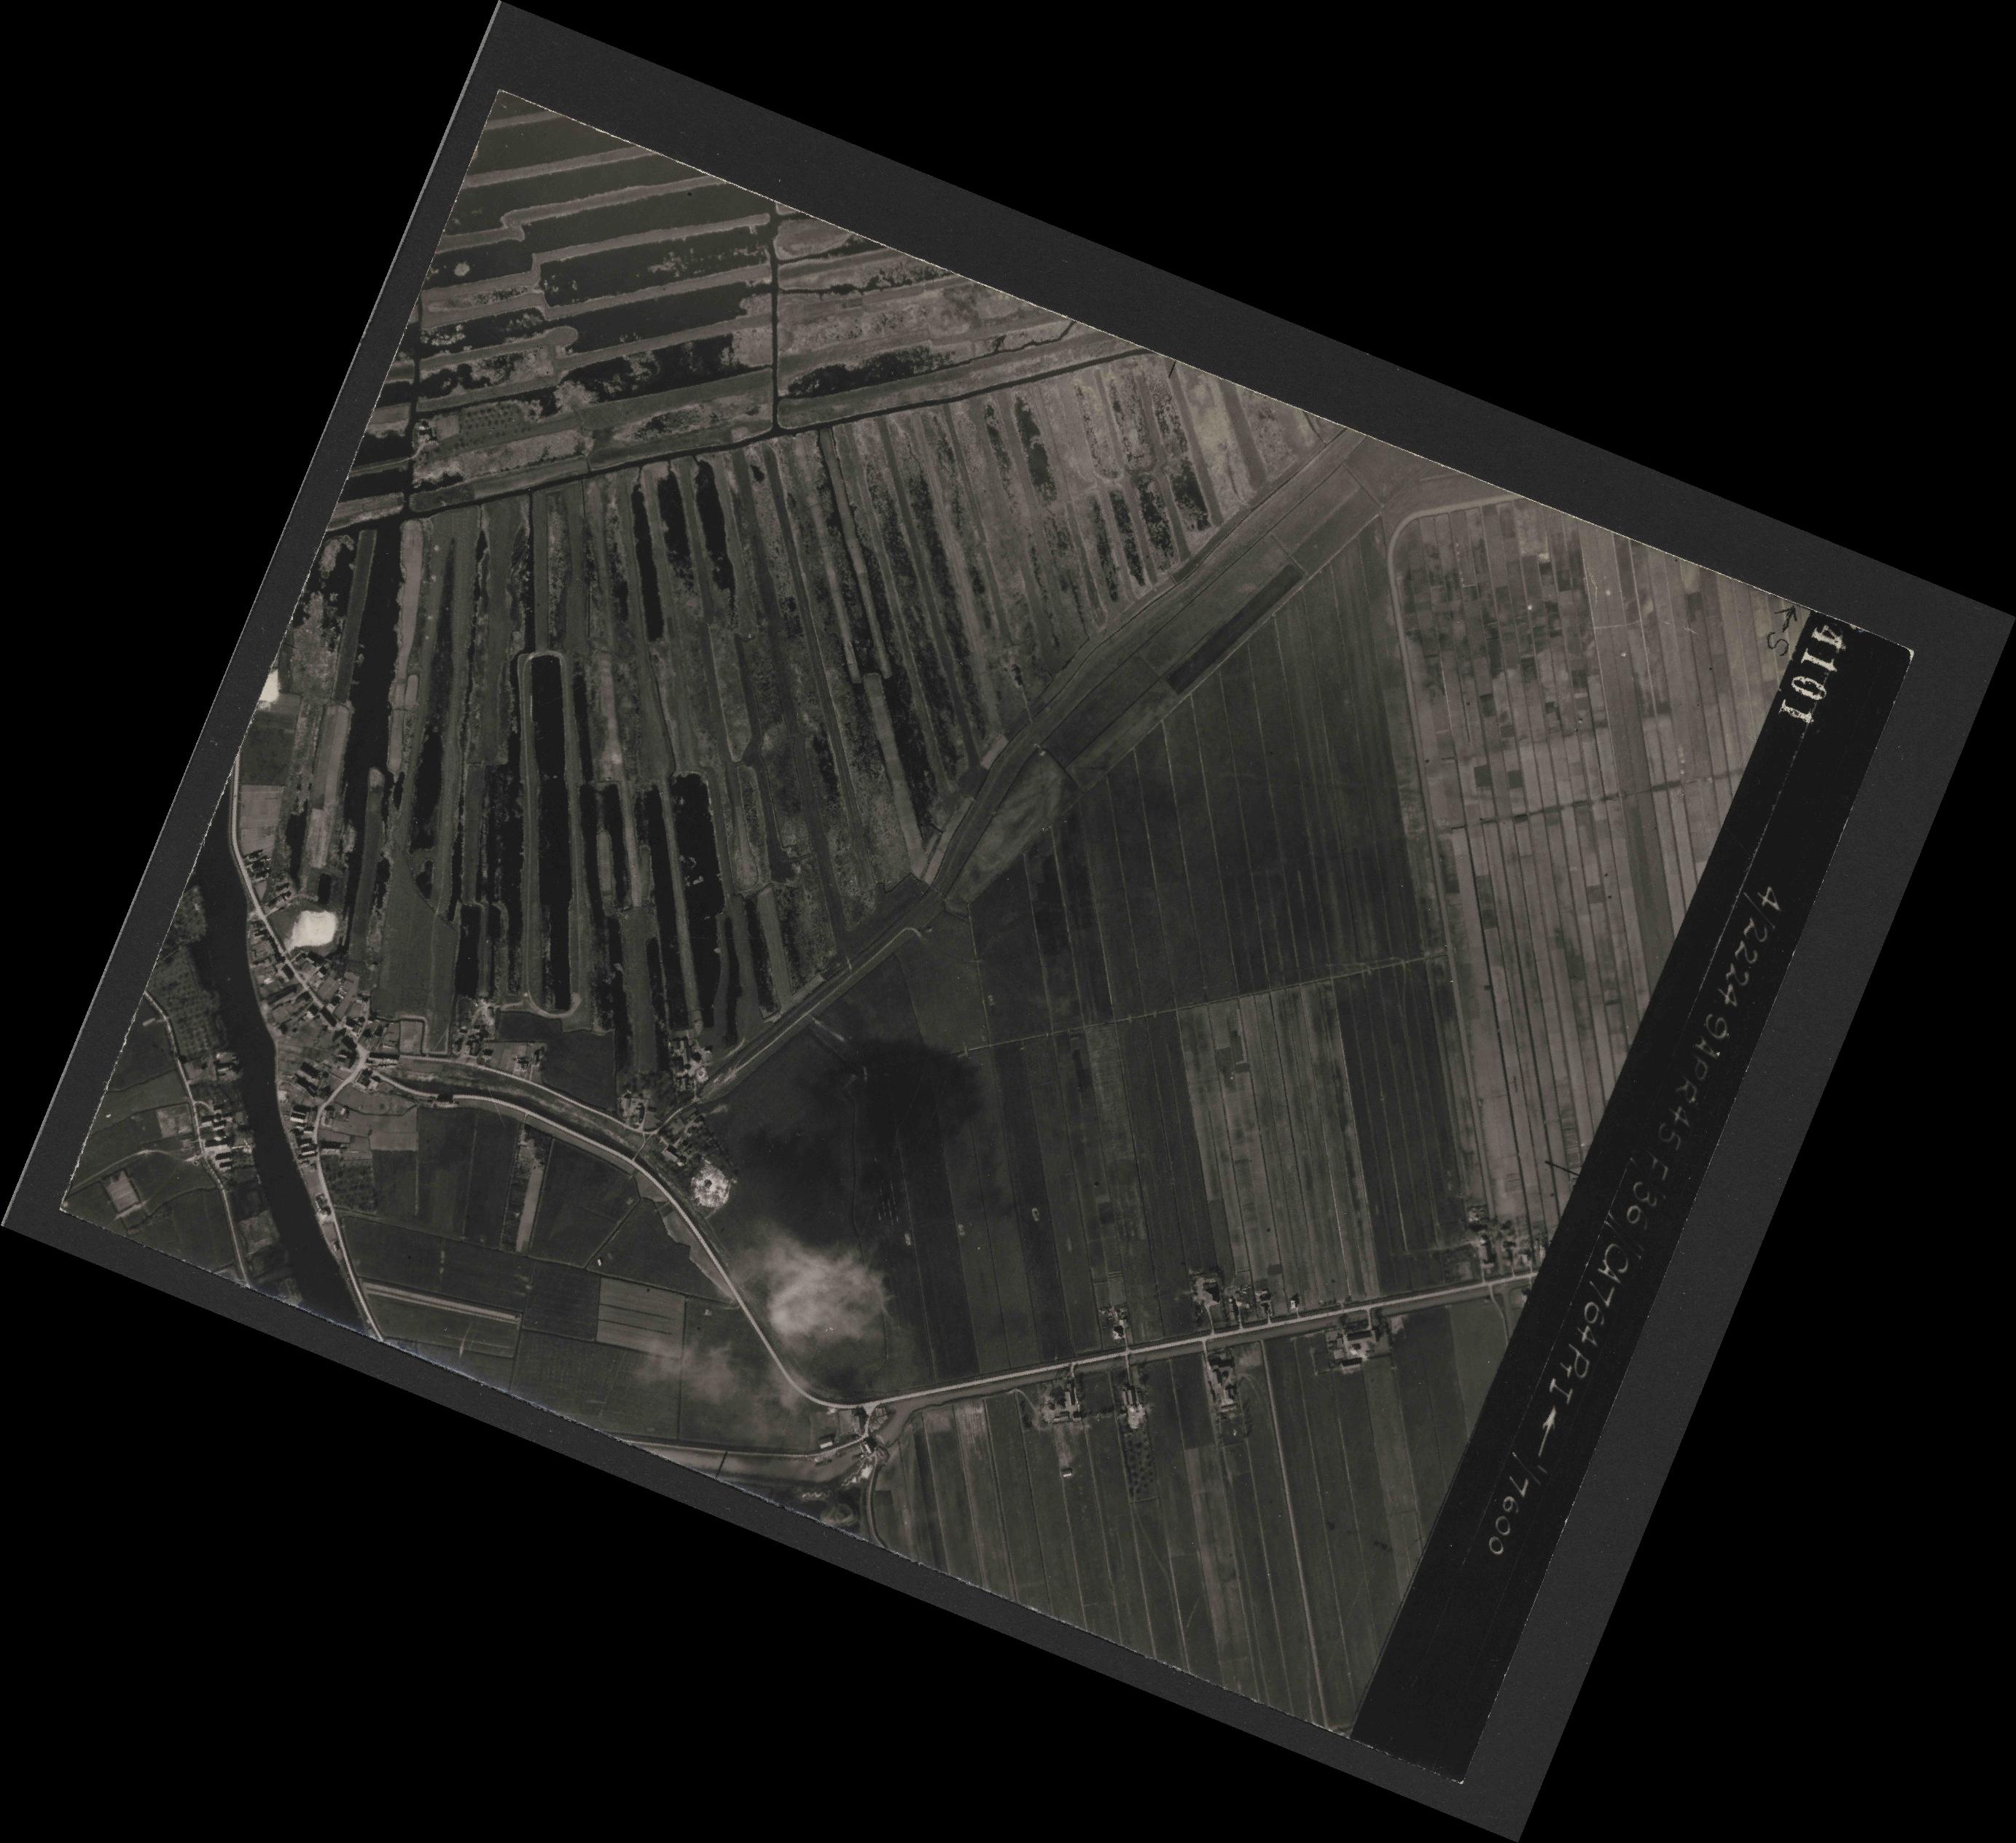 Collection RAF aerial photos 1940-1945 - flight 271, run 10, photo 4101